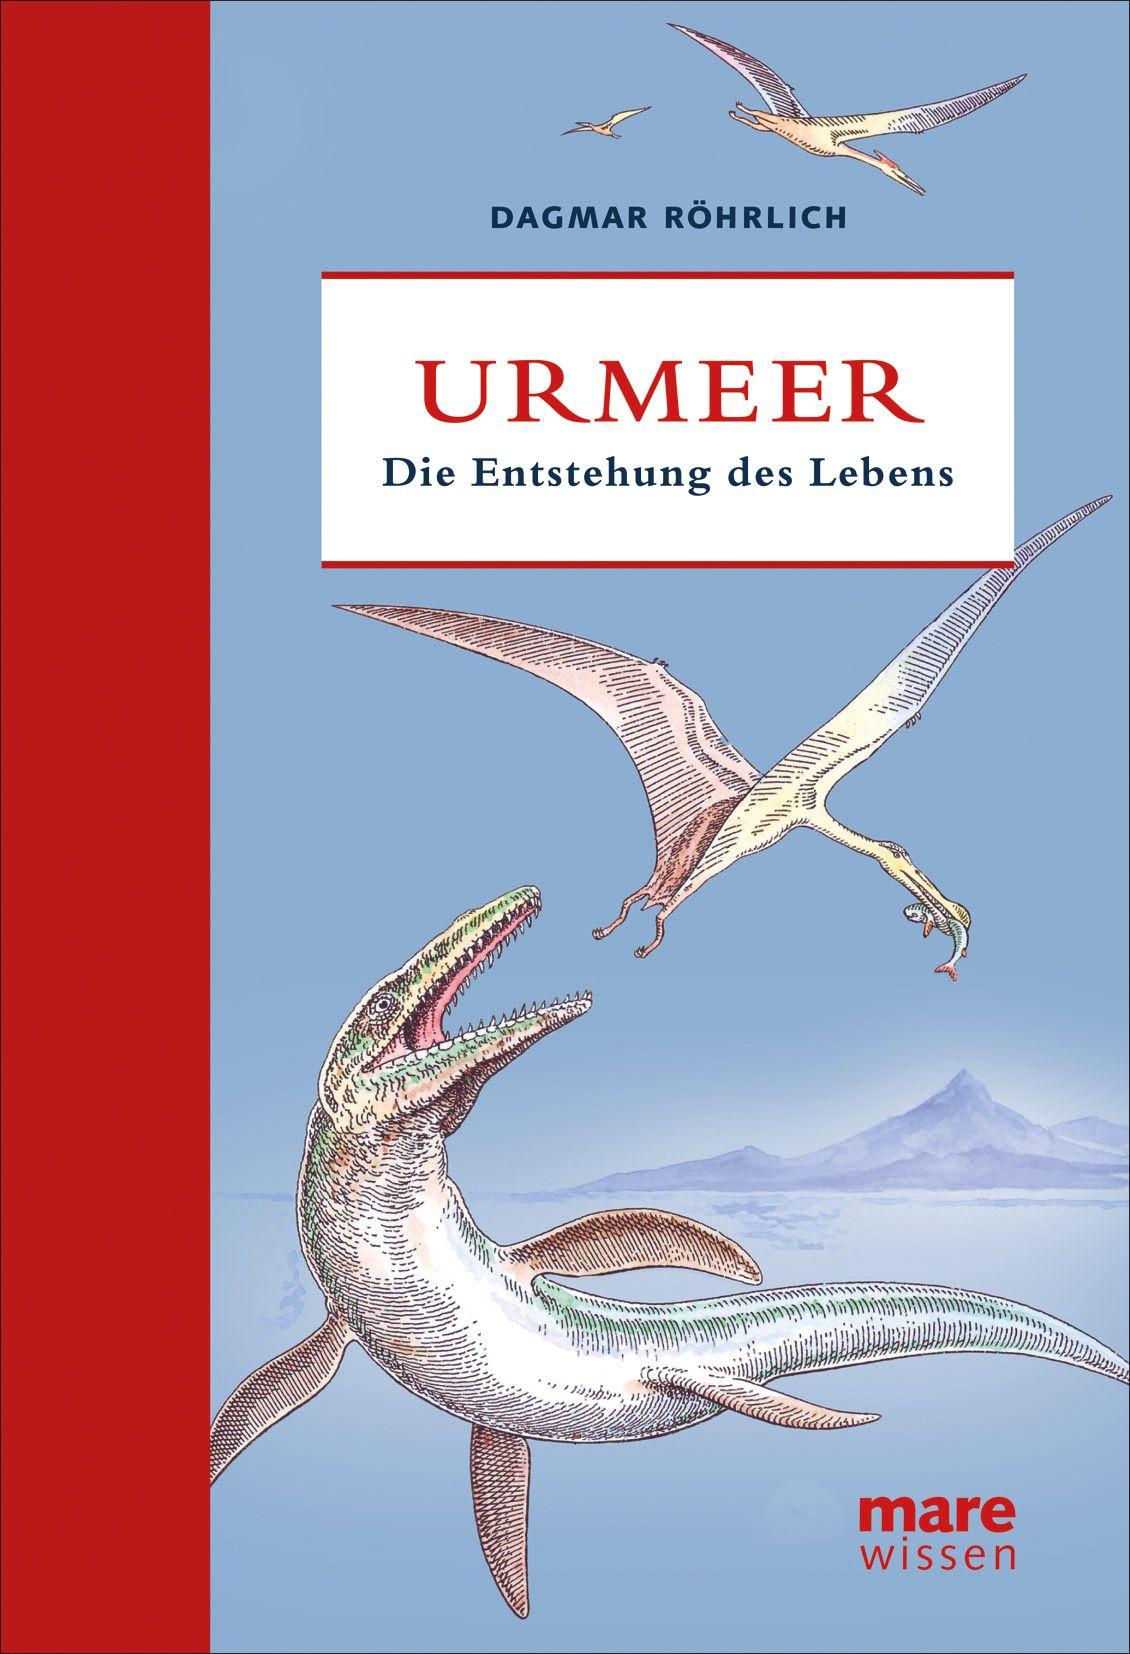 Cover / Dagmar Röhrlich / Urmeer